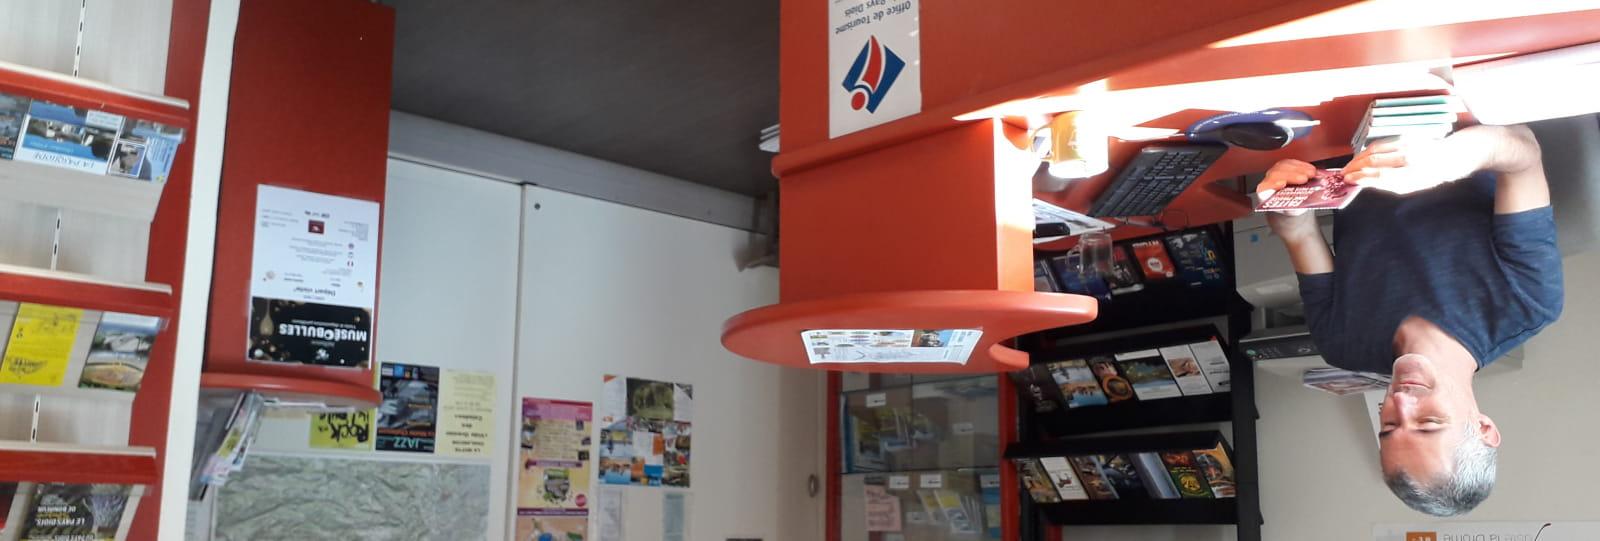 Office de Tourisme du Pays Diois - bureau de La Motte Chalancon